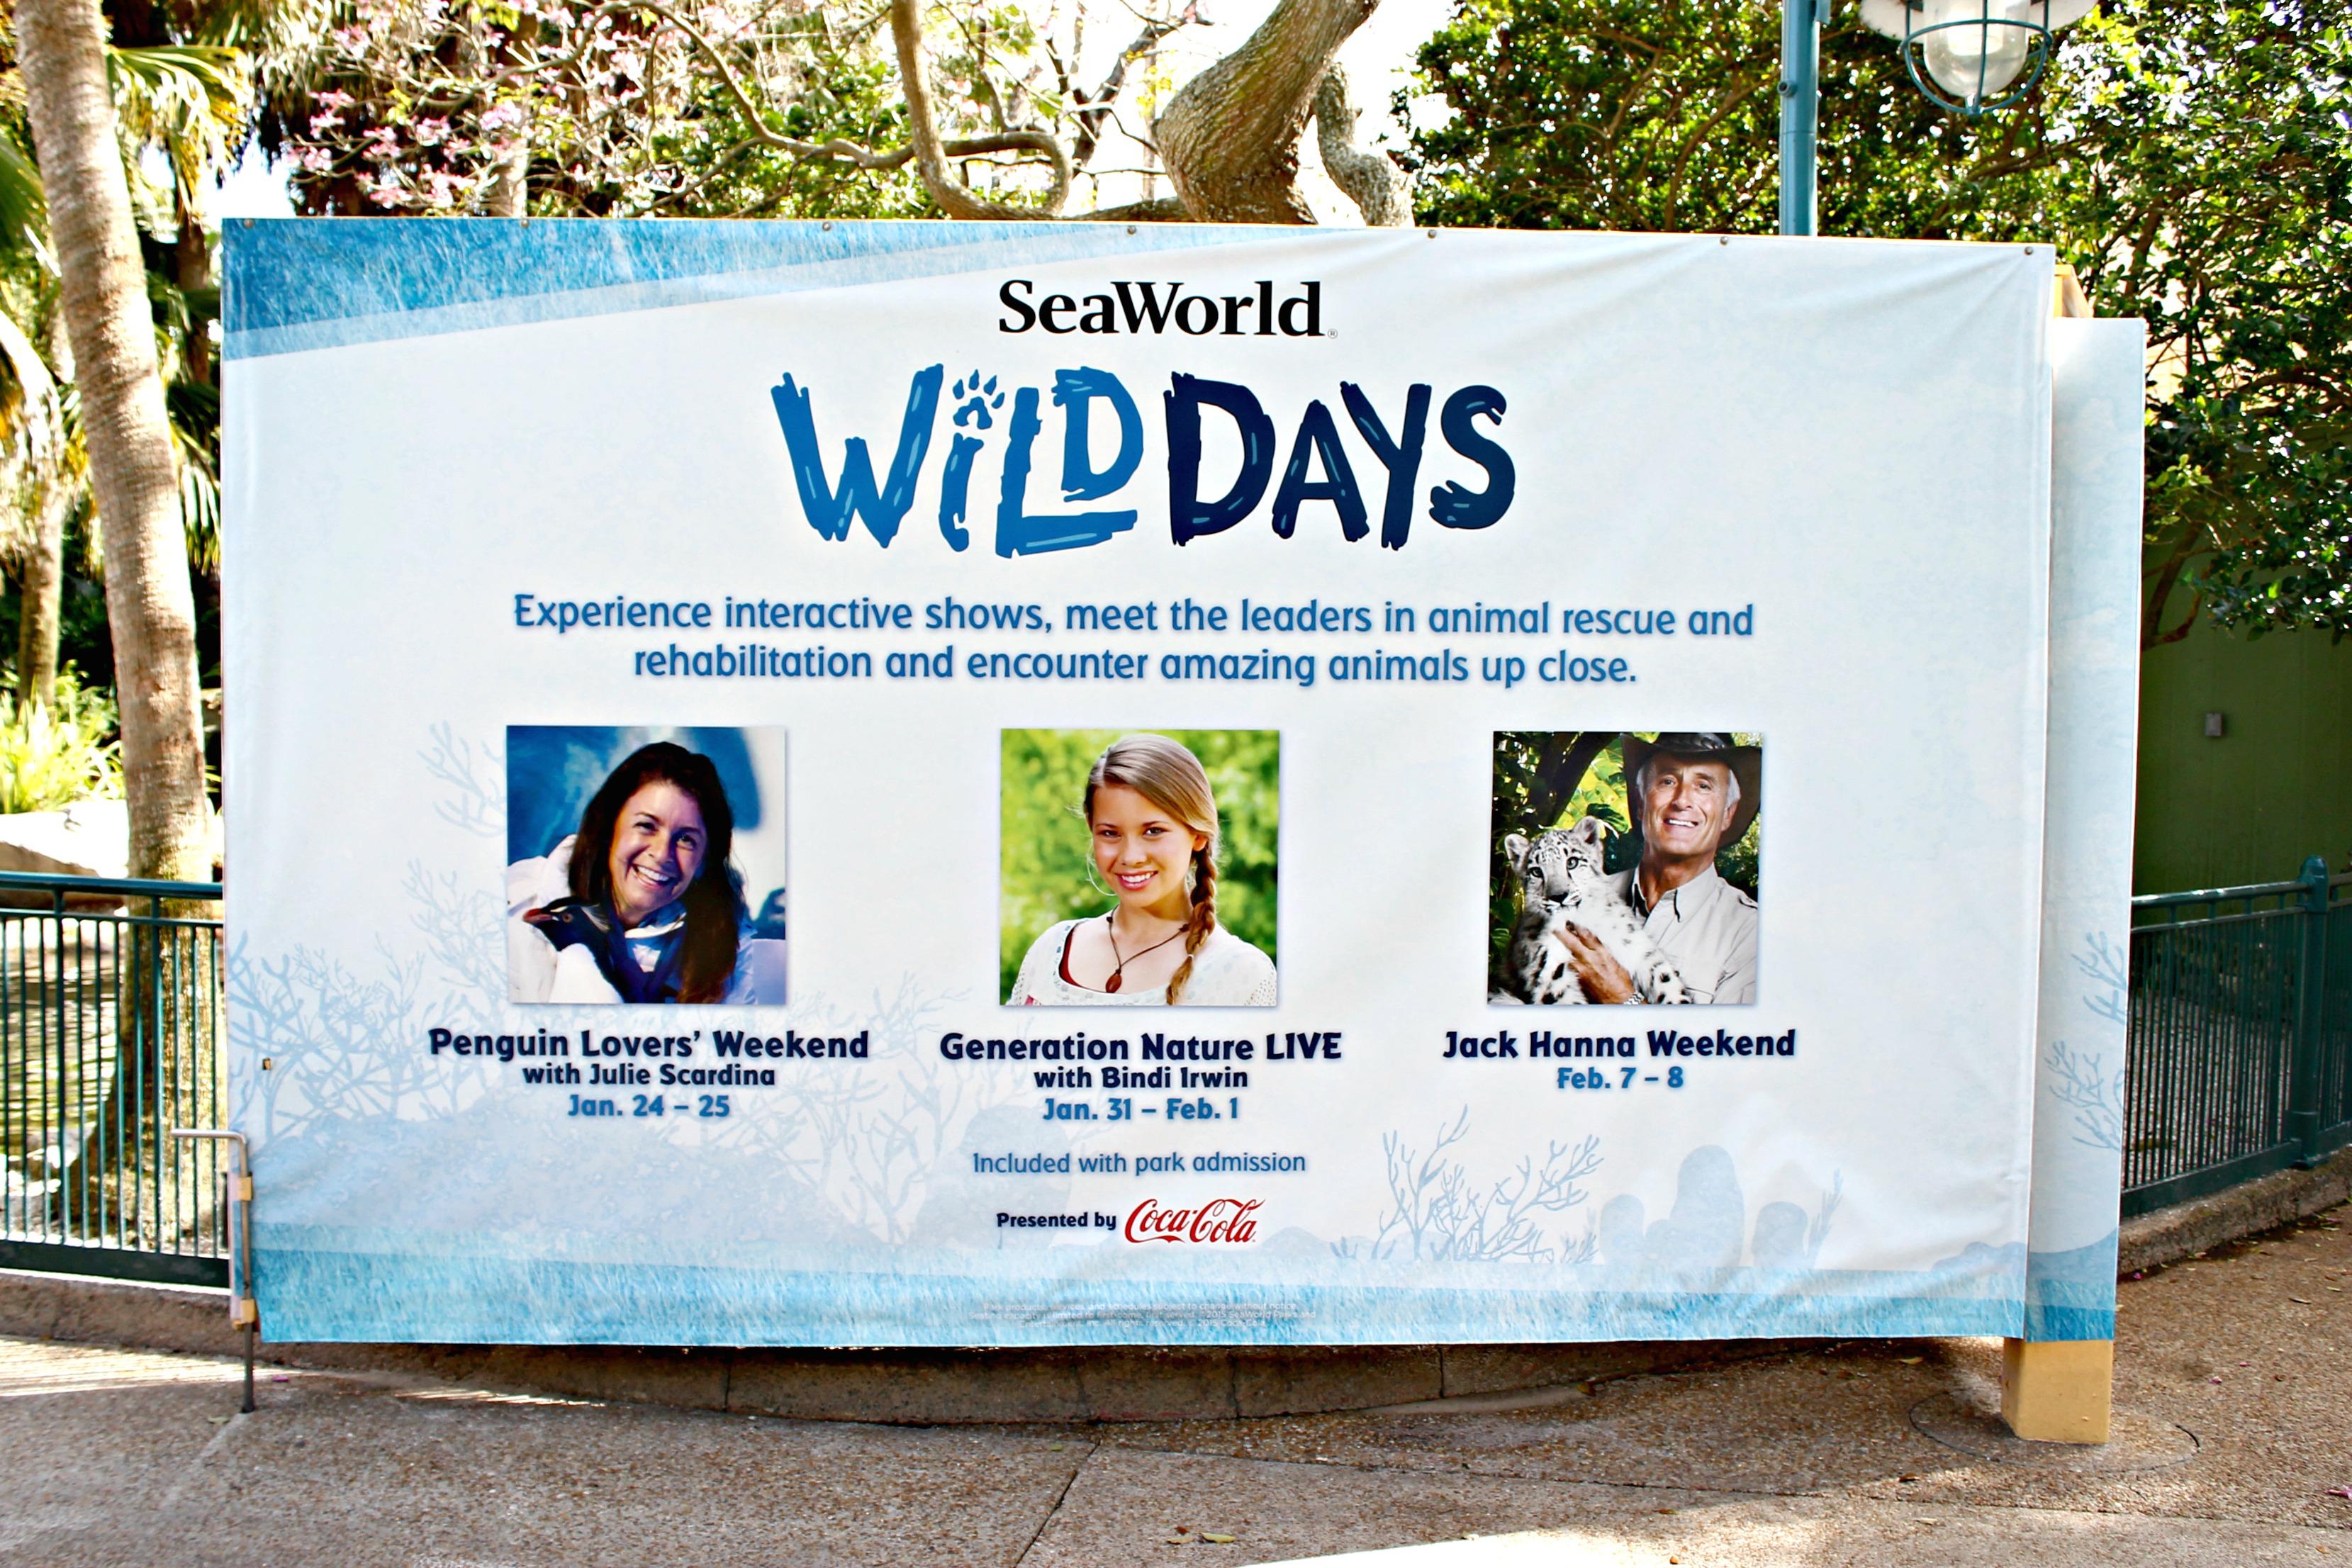 Wild Days Weekend at SeaWorld Orlando